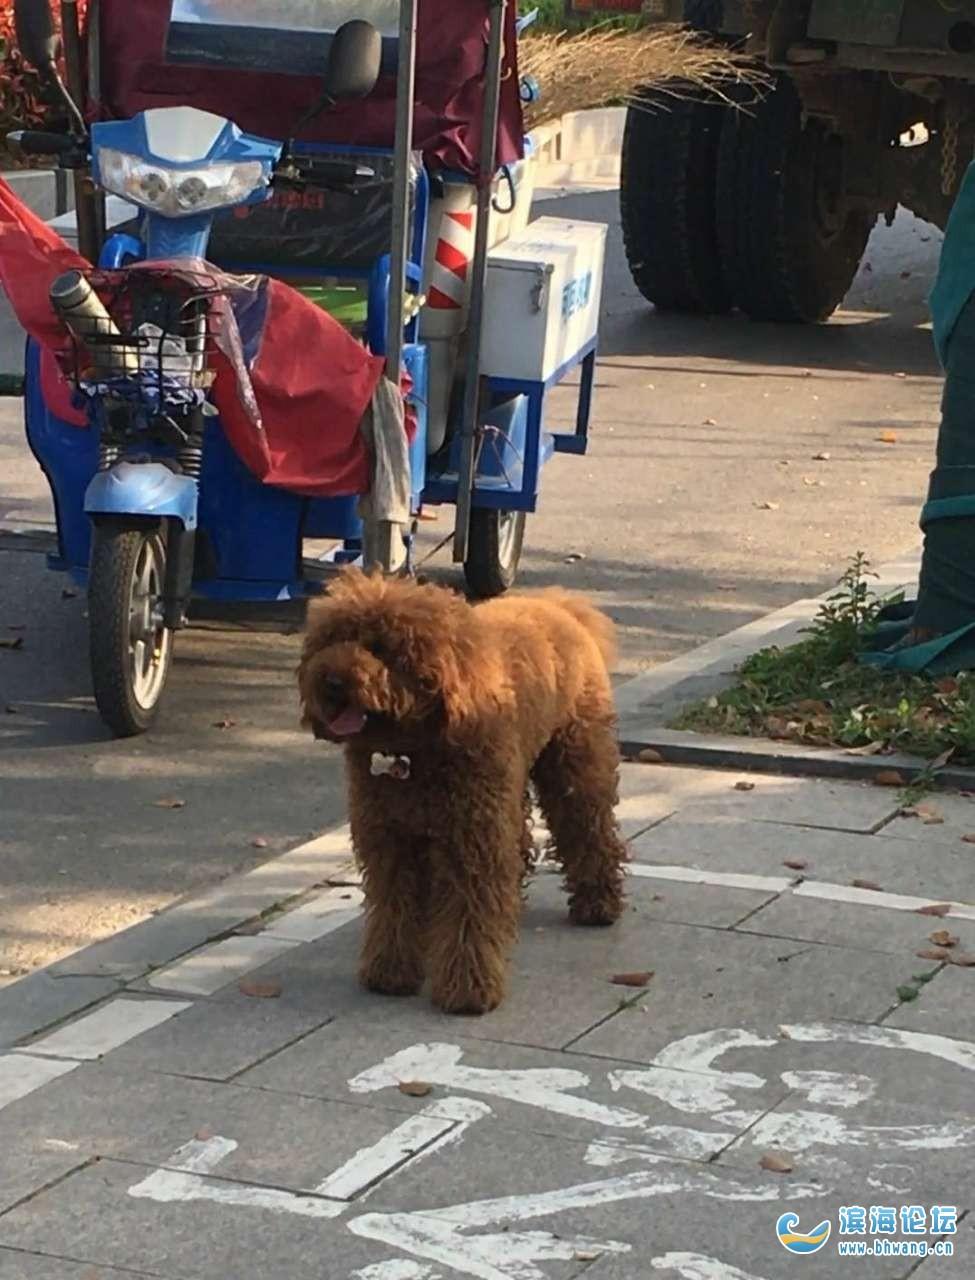 尋找愛犬,急